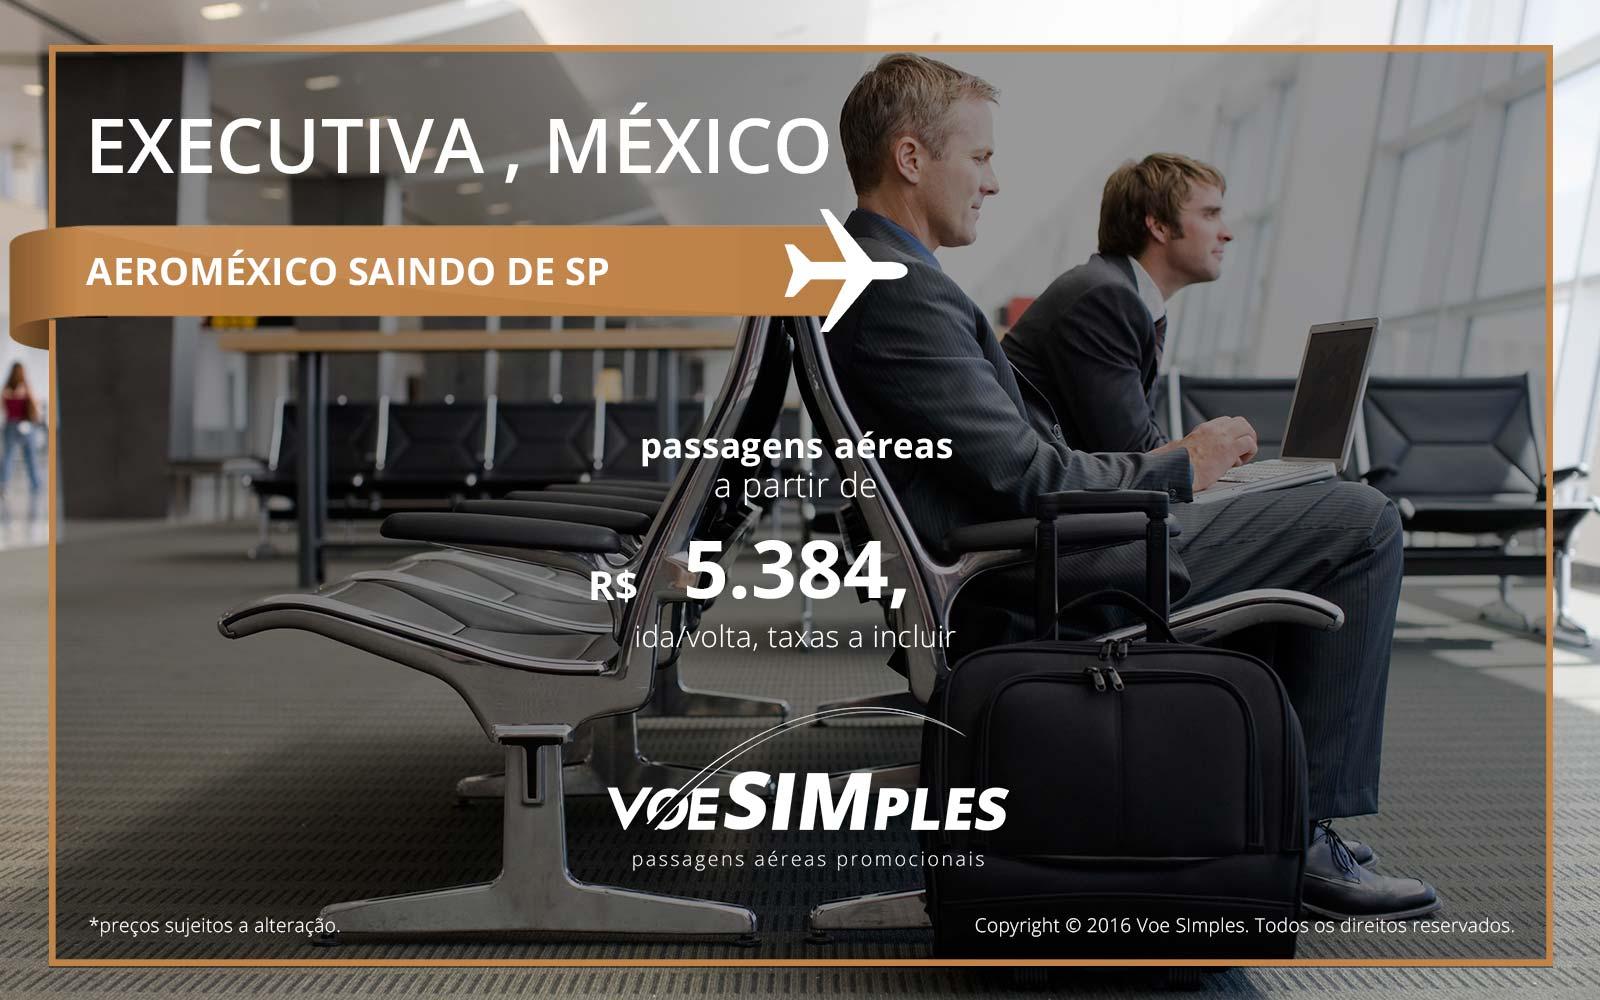 Passagem aérea Classe Executiva Aeroméxico para o México